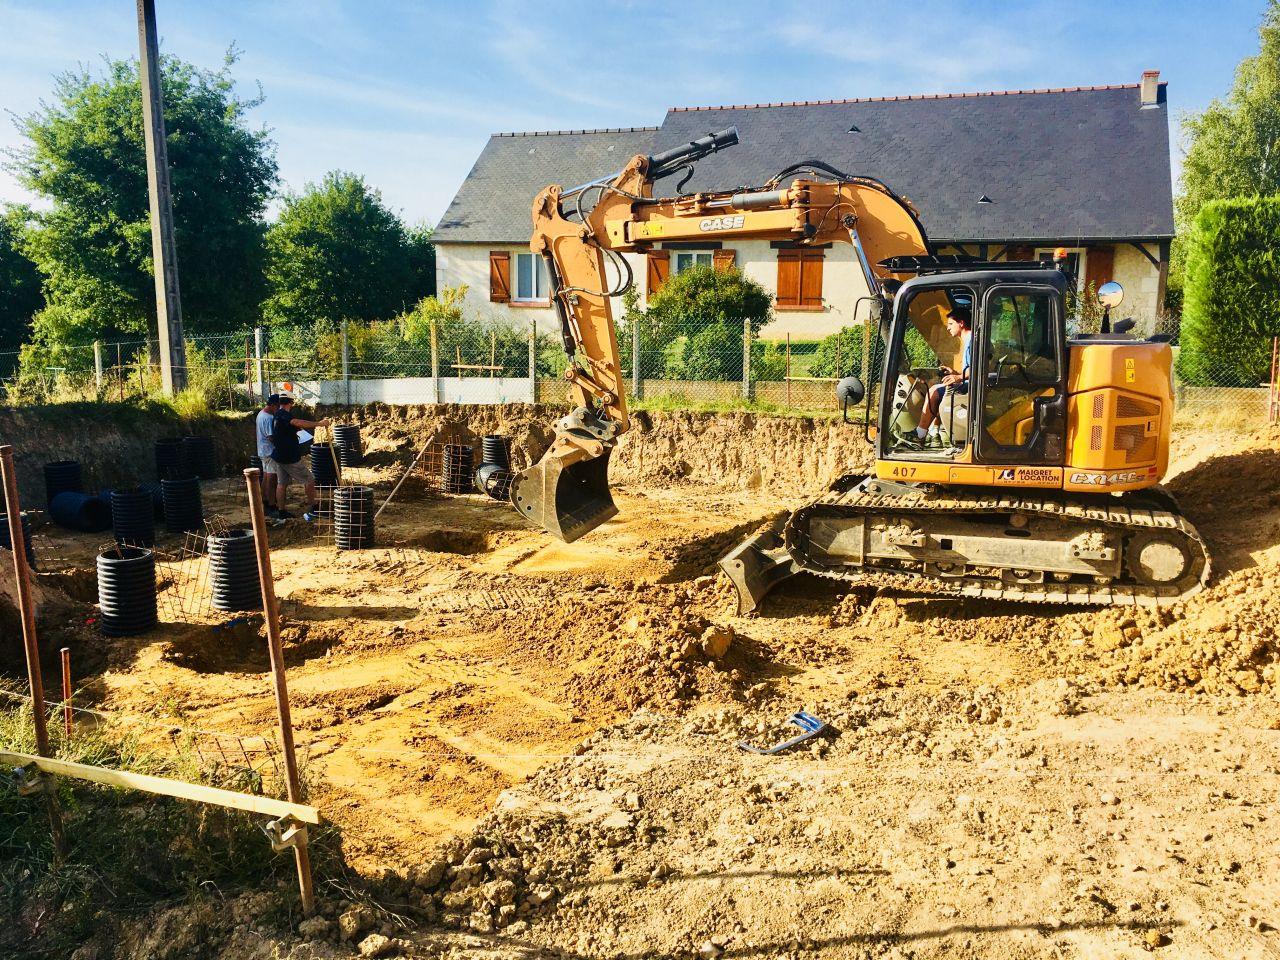 L'équipe de France Bois Modulaire en action pour le 2ème jour de terrassement.